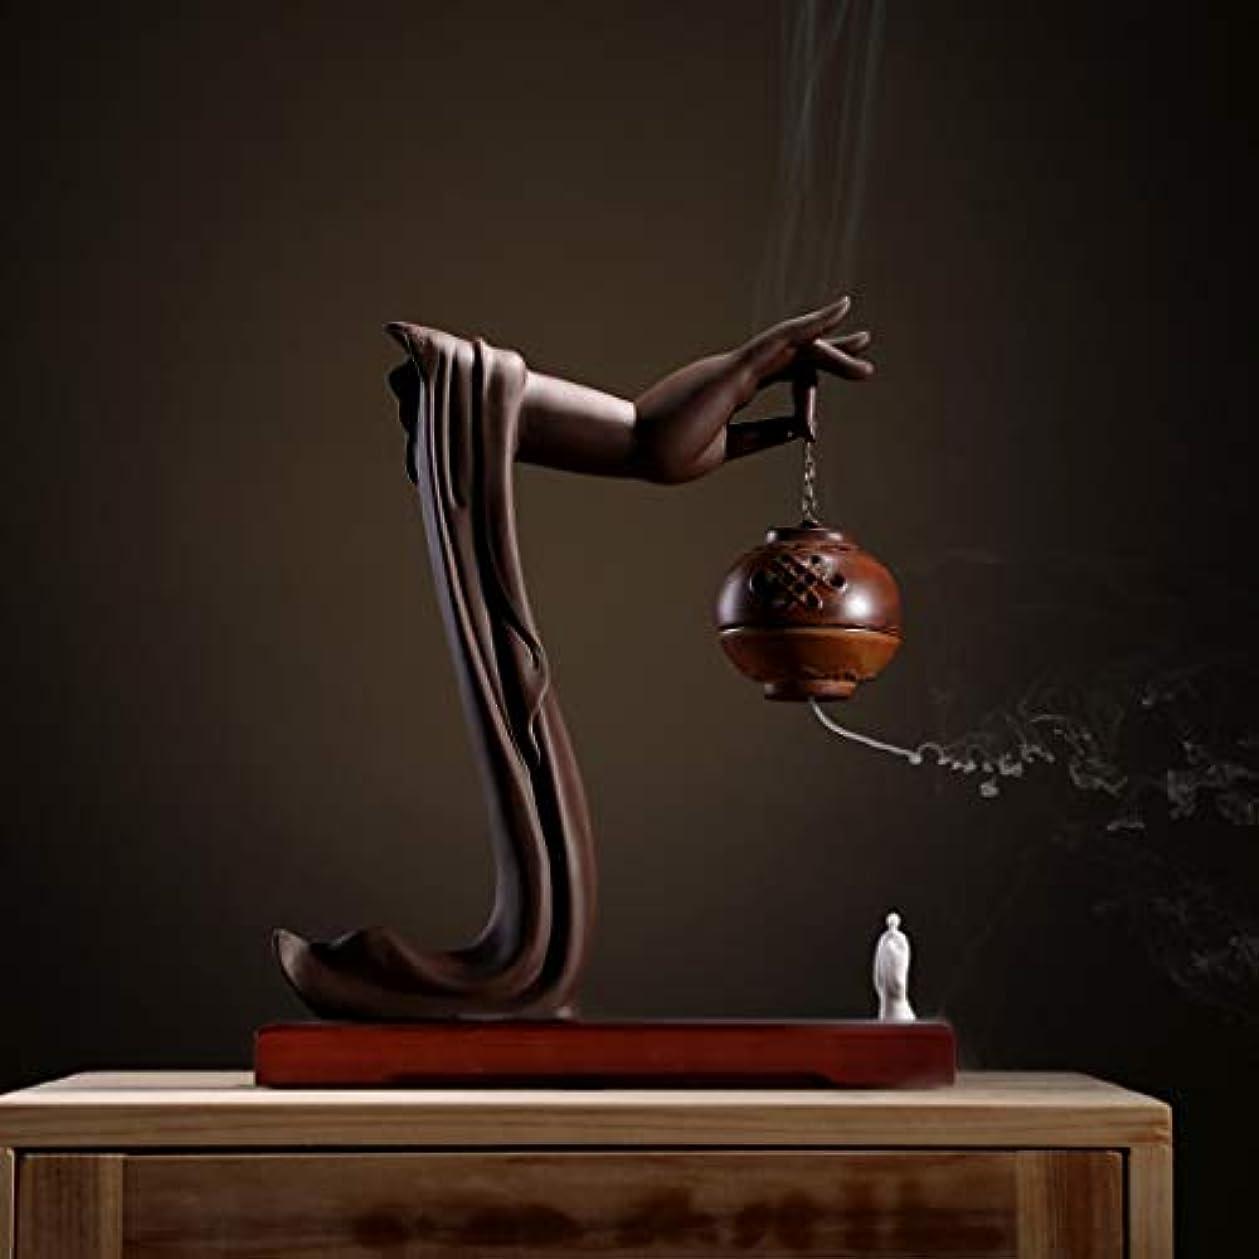 飼い慣らす影響力のあるマニュアル手動逆流香バーナーロータス/僧侶逆流香バーナーコーンコーンブラケットホームデスクトップの装飾L28cm×W9.5cm×H33cm (Color : Brown incense burner)